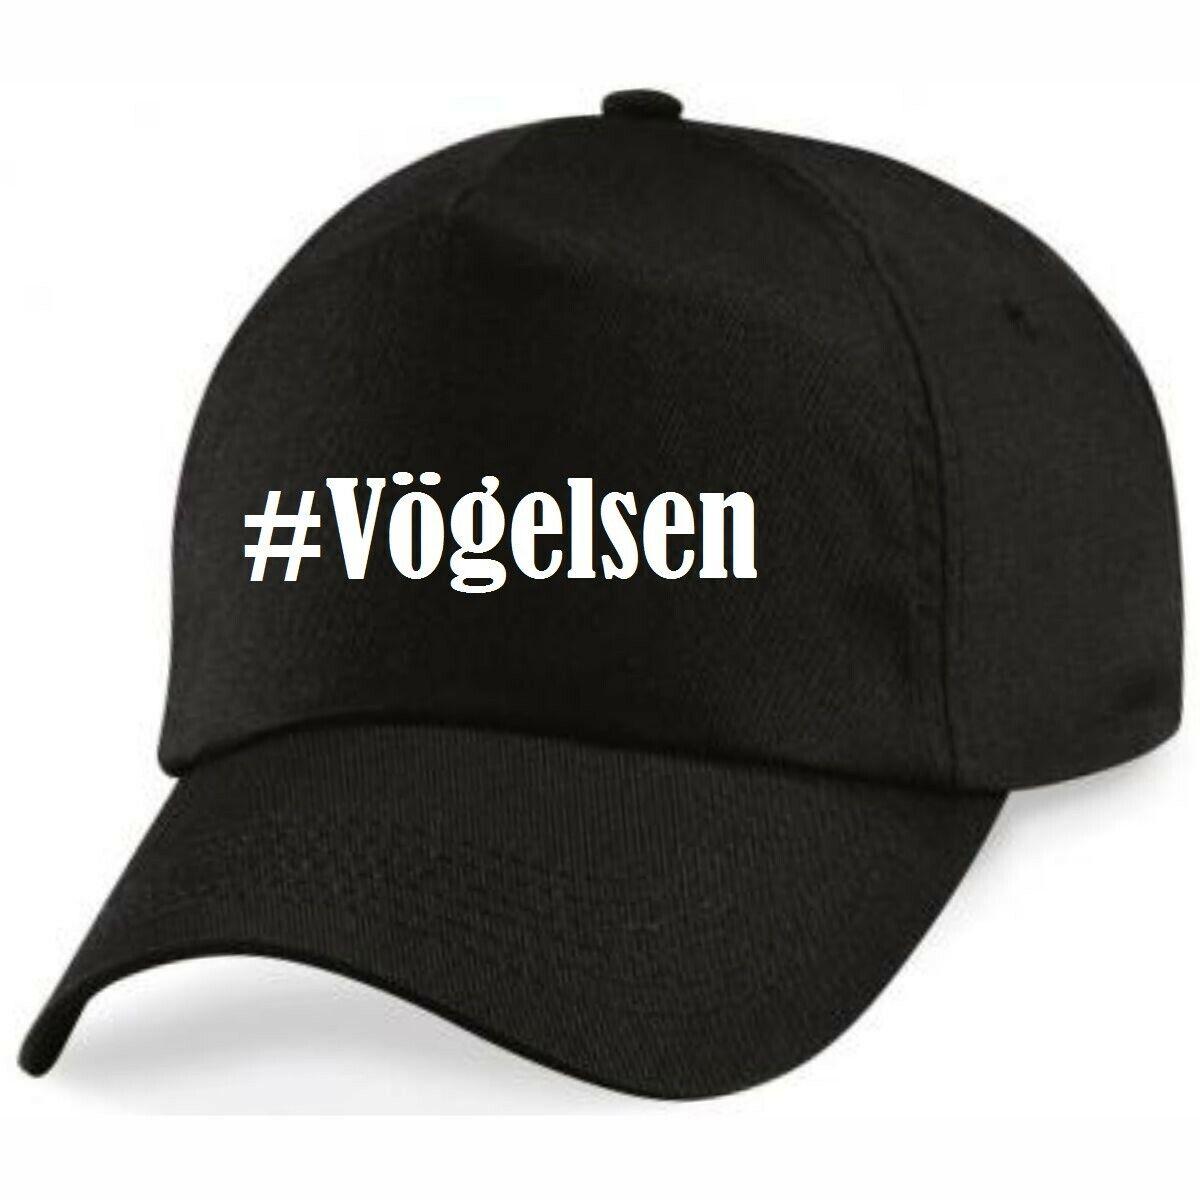 Baseball Cap #Vögelsen HASHTAG Diamond for Ladies Mens and Kids